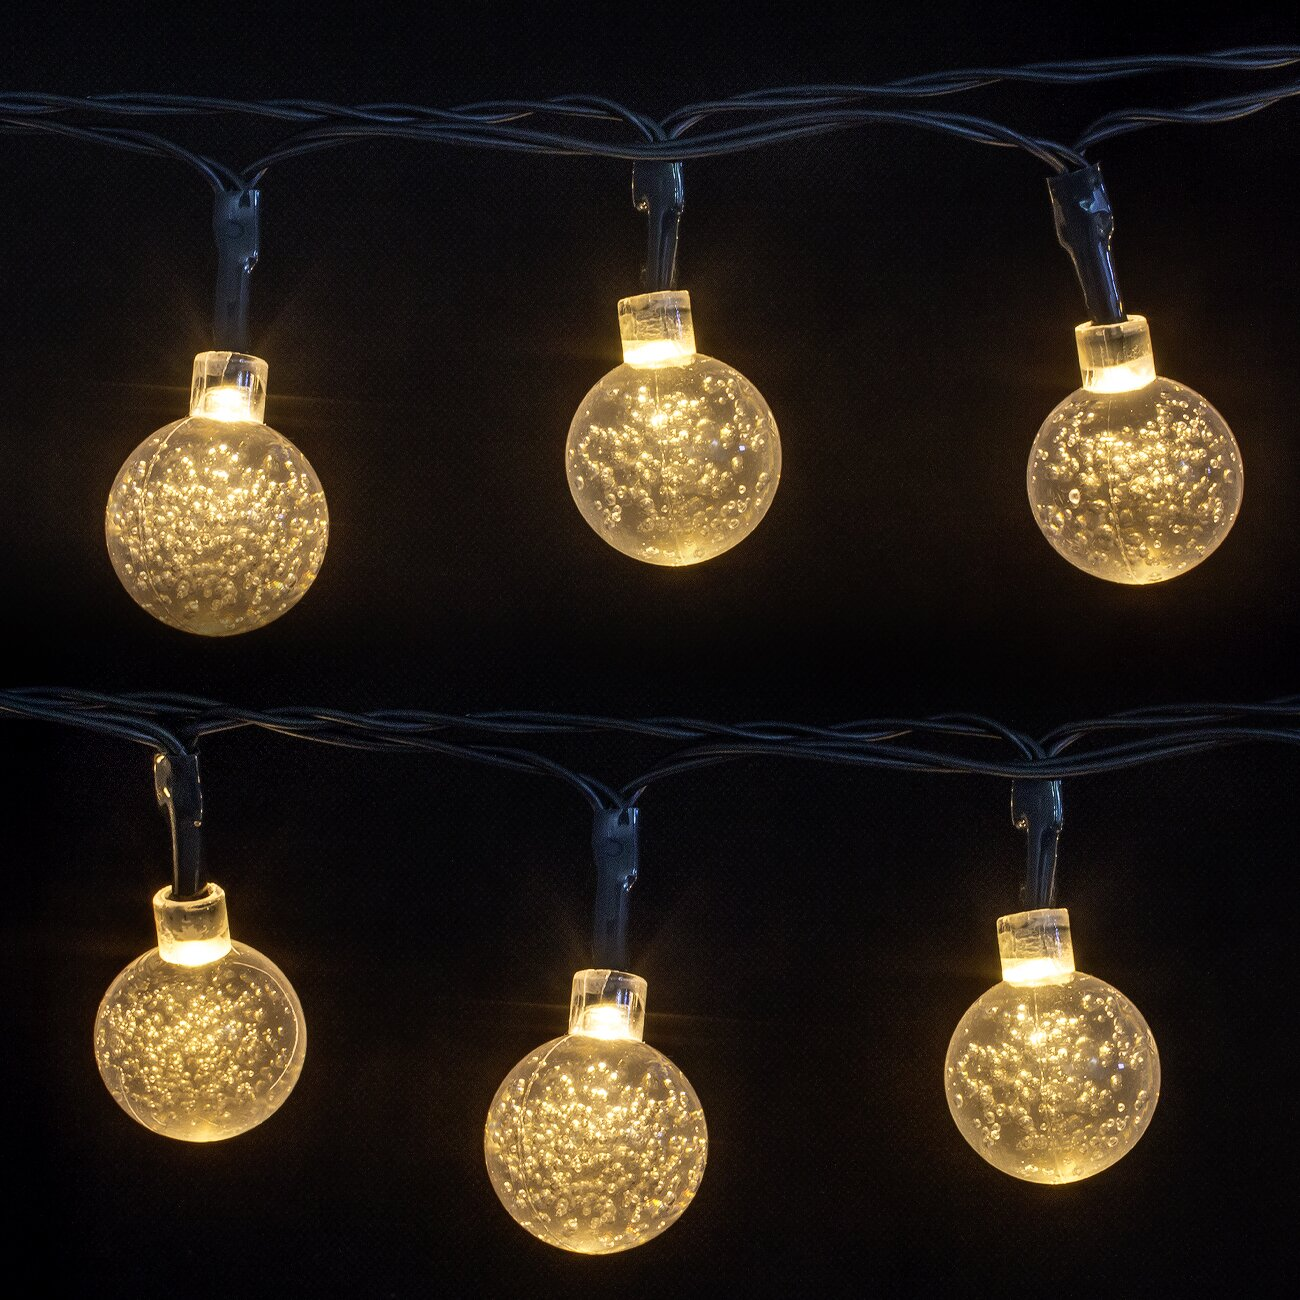 led concepts 30 light 16 ft globe string lights reviews wayfair. Black Bedroom Furniture Sets. Home Design Ideas